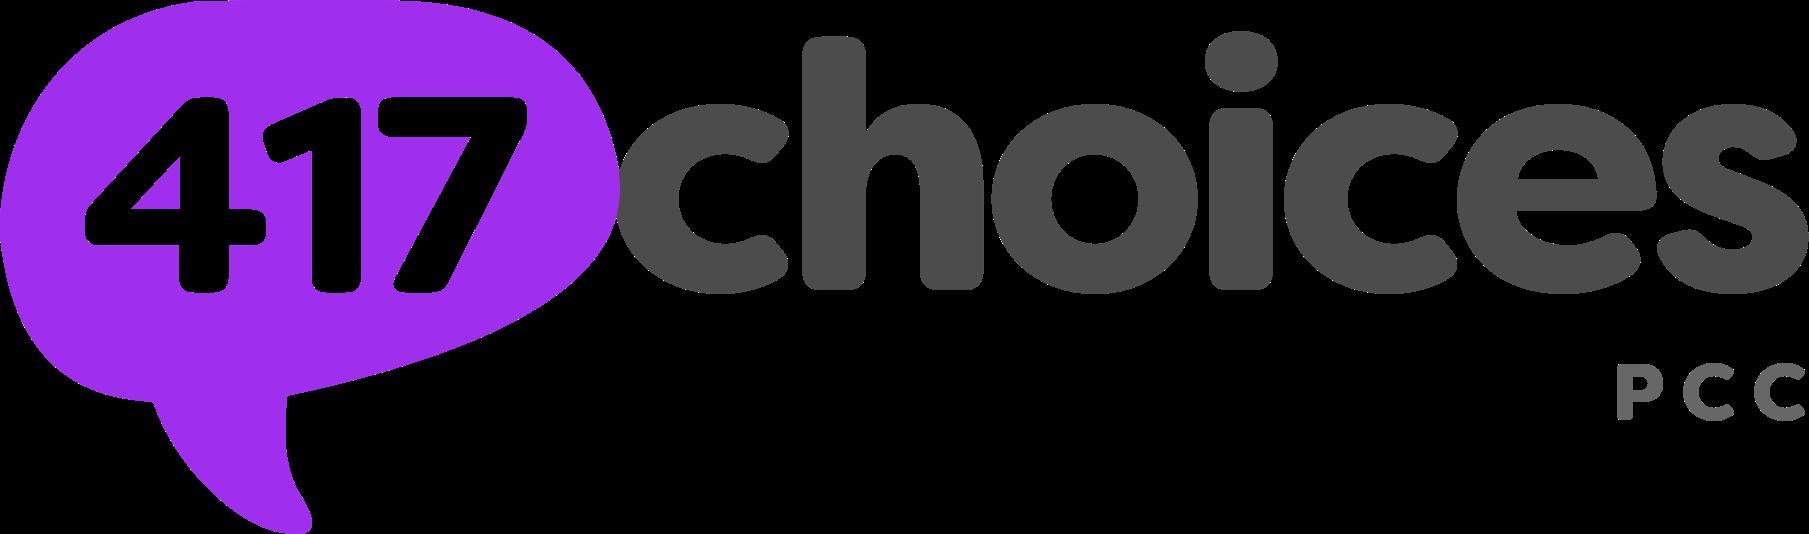 417Choices